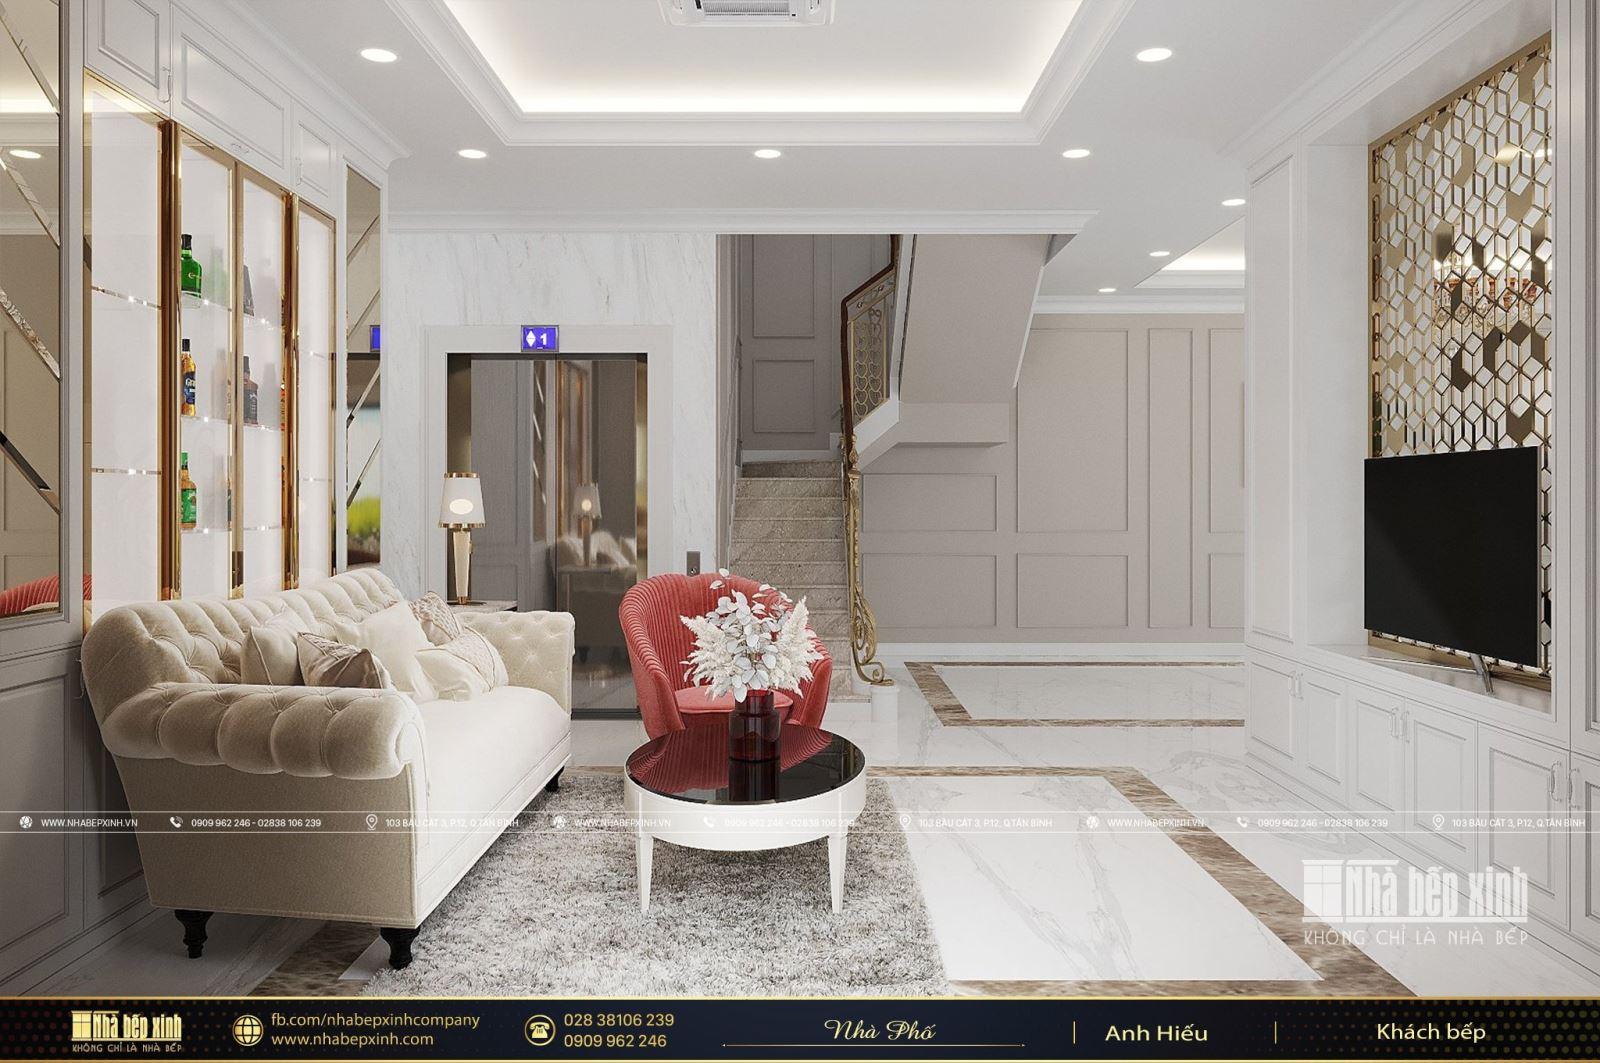 Thiết kế & Thi công nội thất Vincom Shophouse Mỹ Tho - Tiền Giang